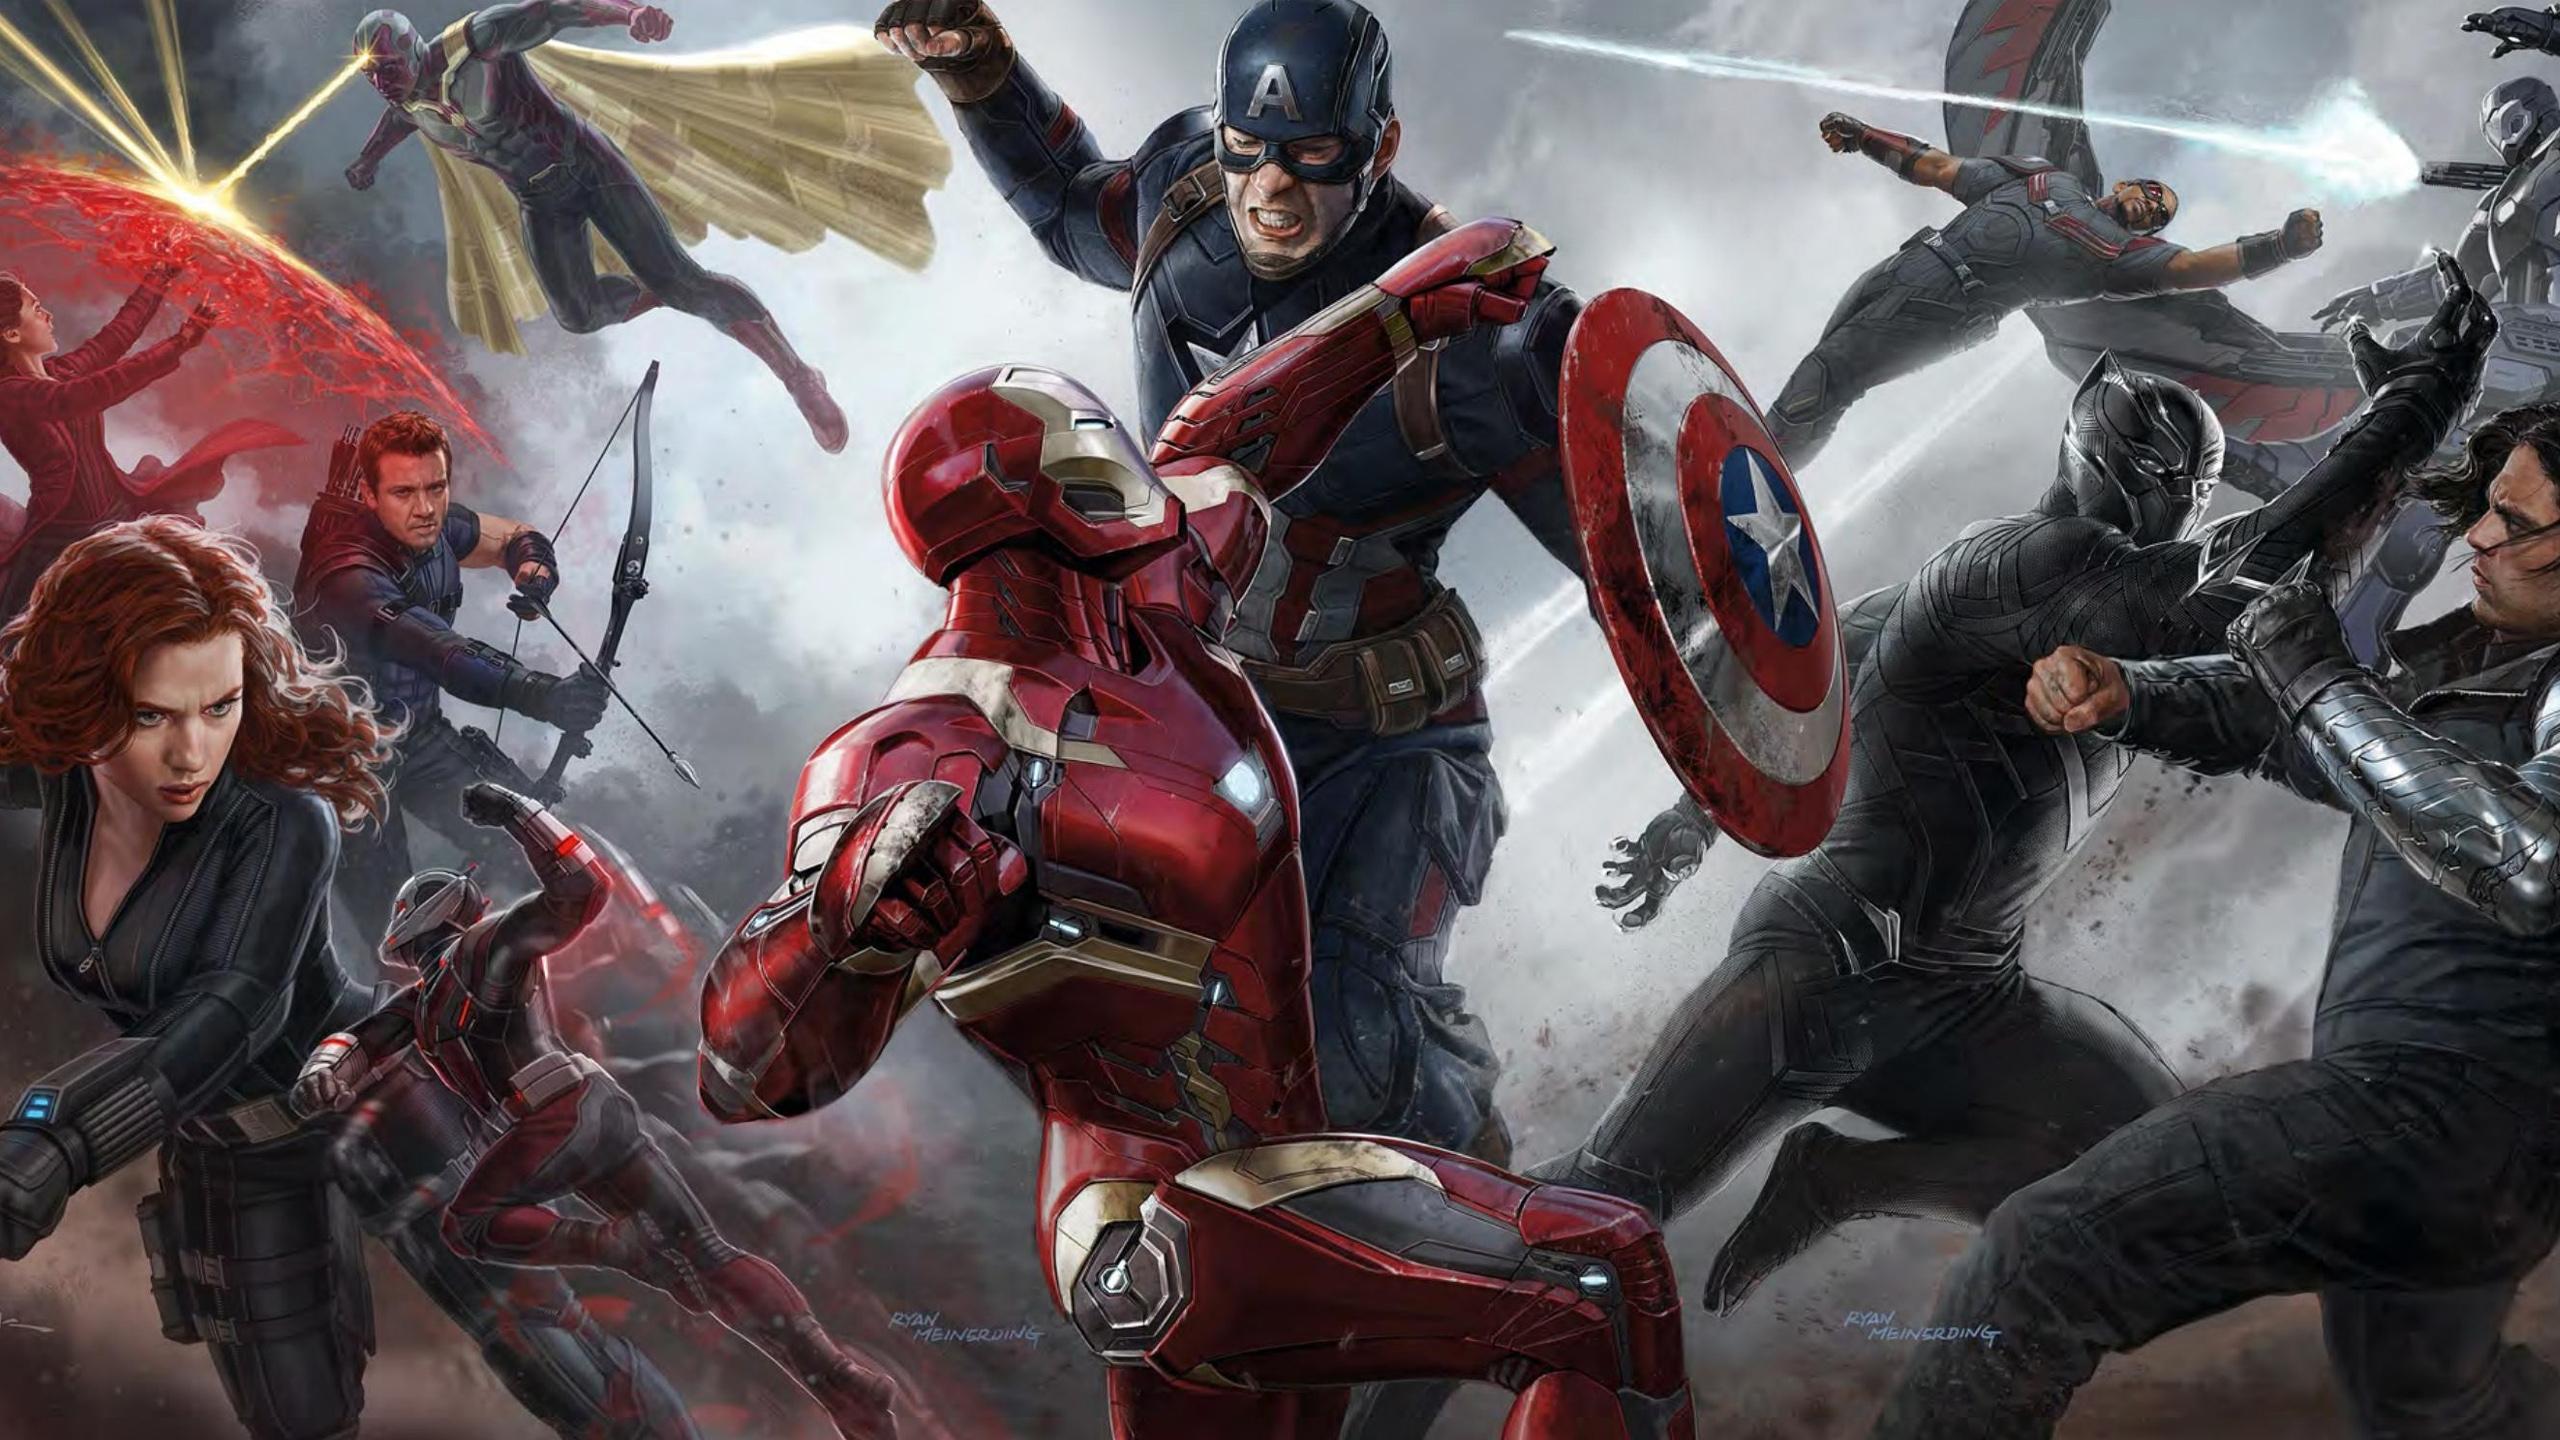 movies captain america civil war wallpapers (desktop, phone, tablet